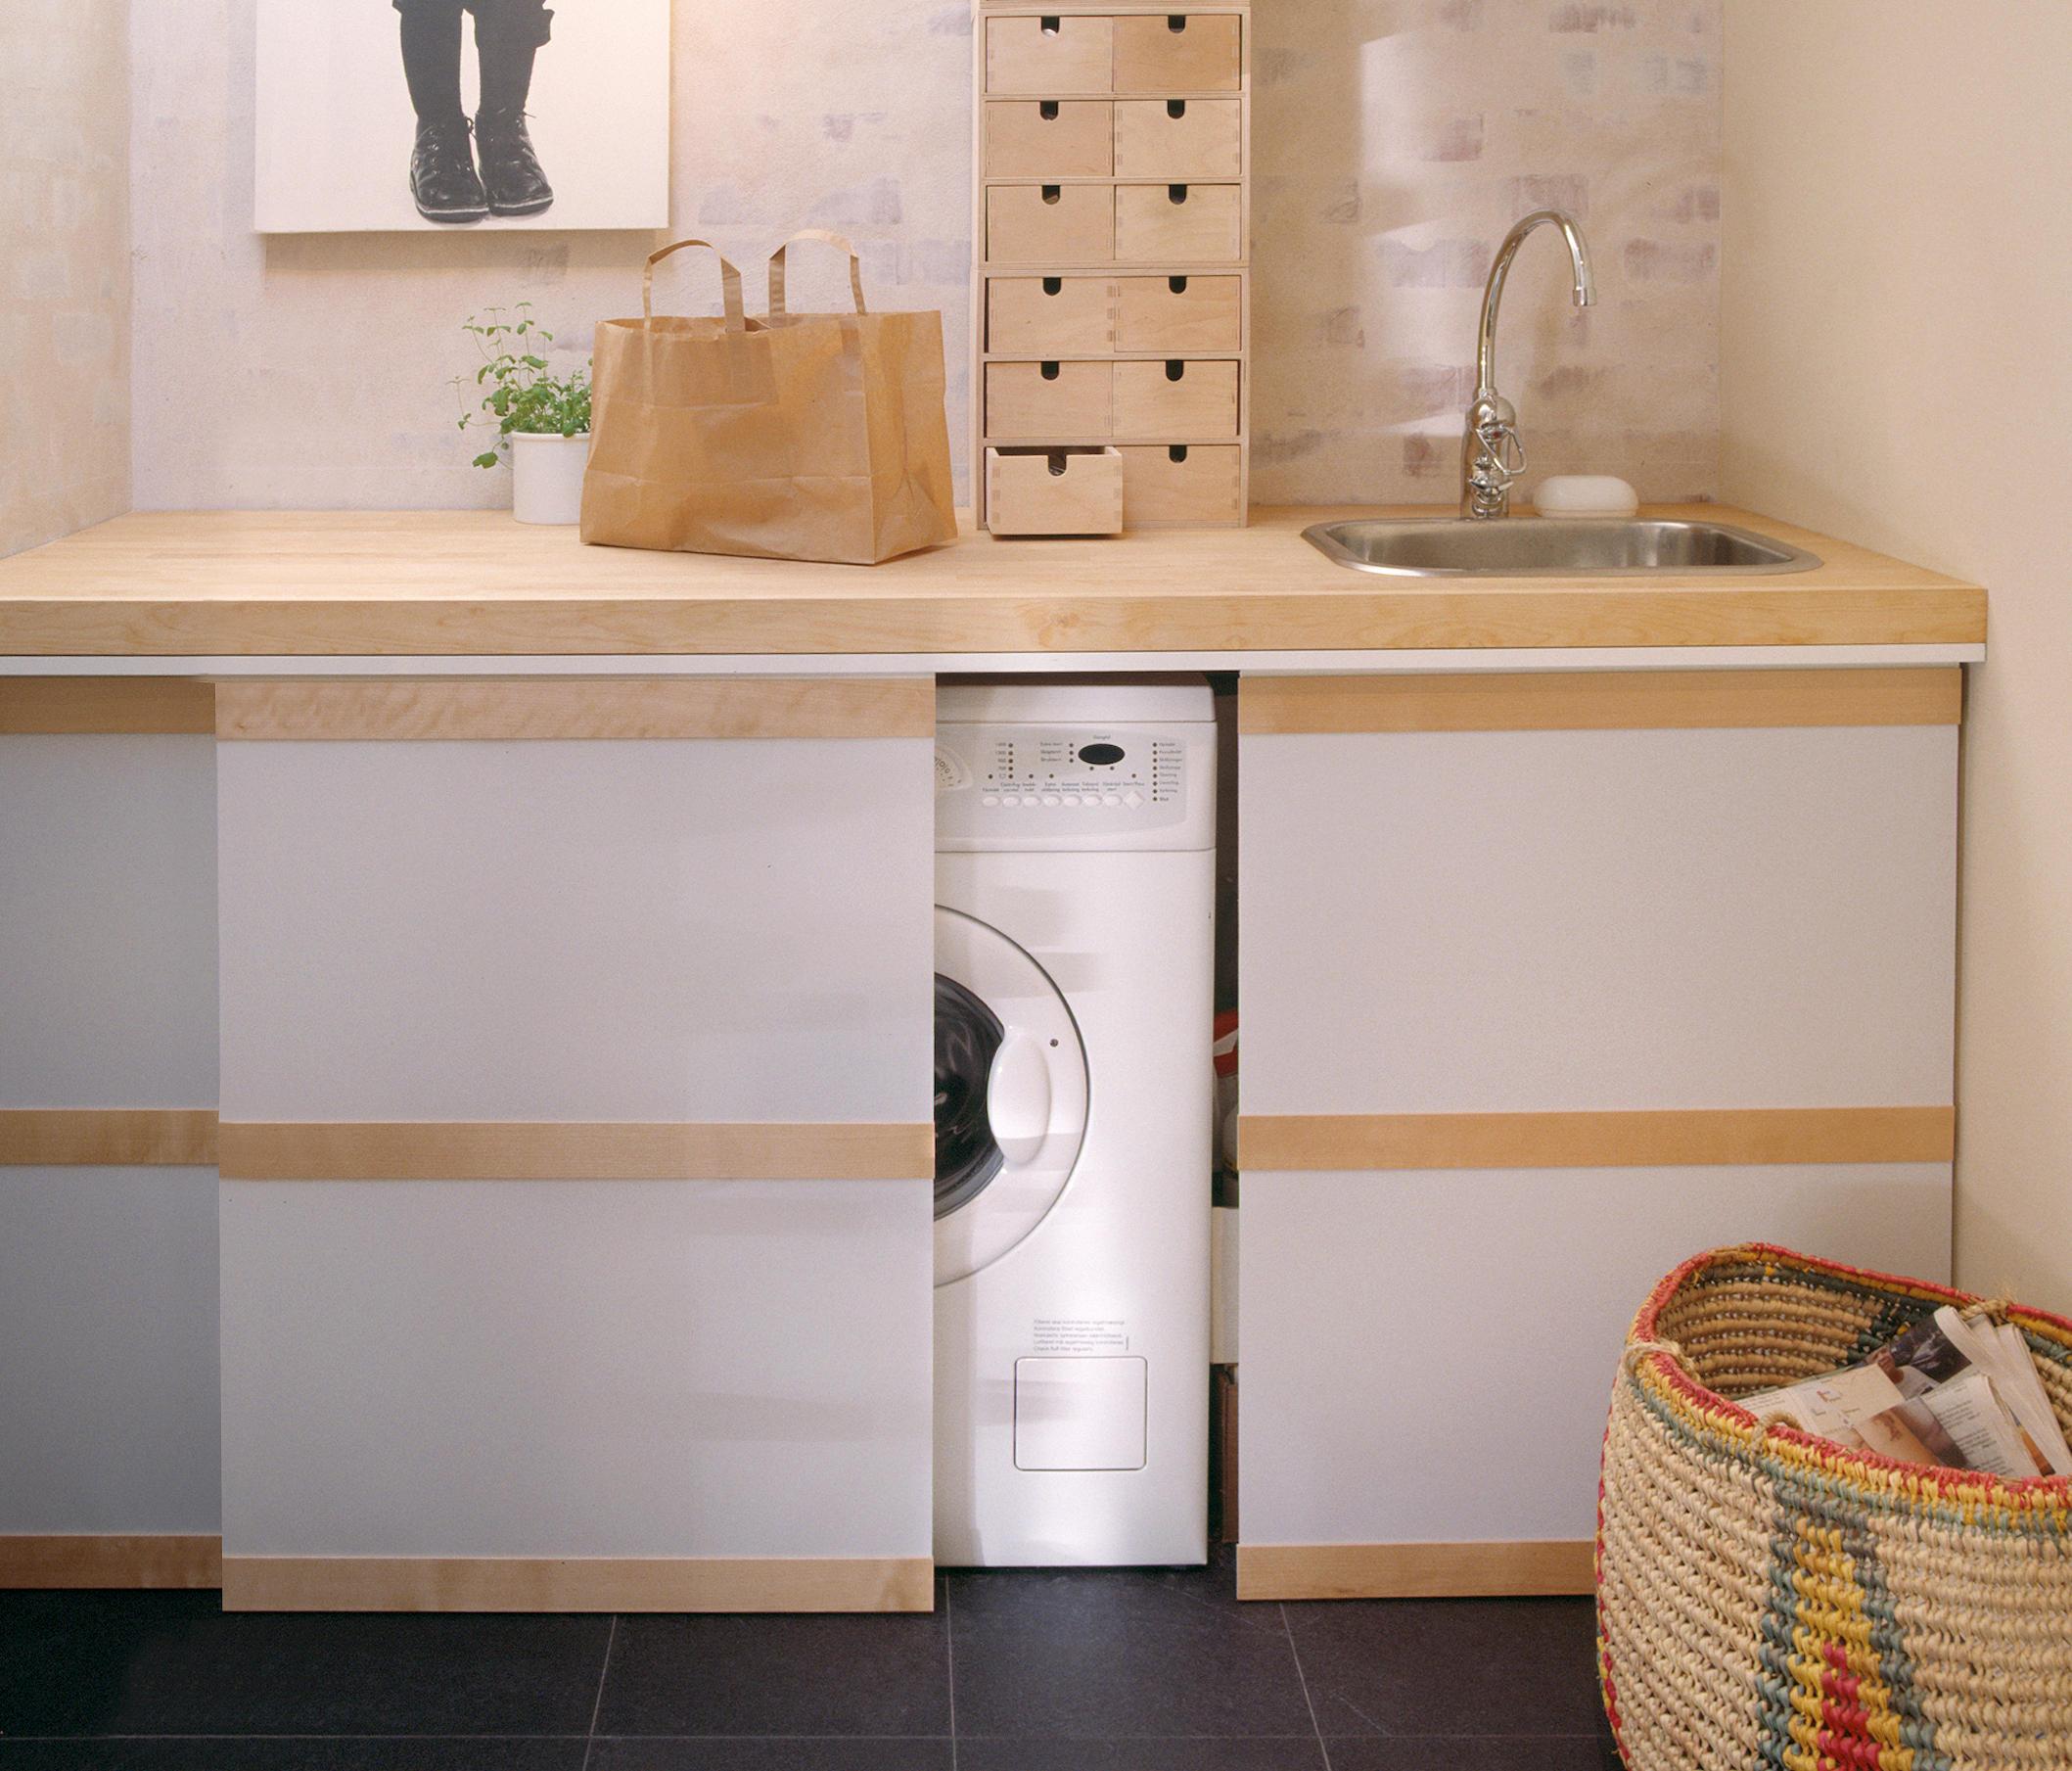 panel system trennwandsysteme wohnen von ann idstein architonic. Black Bedroom Furniture Sets. Home Design Ideas